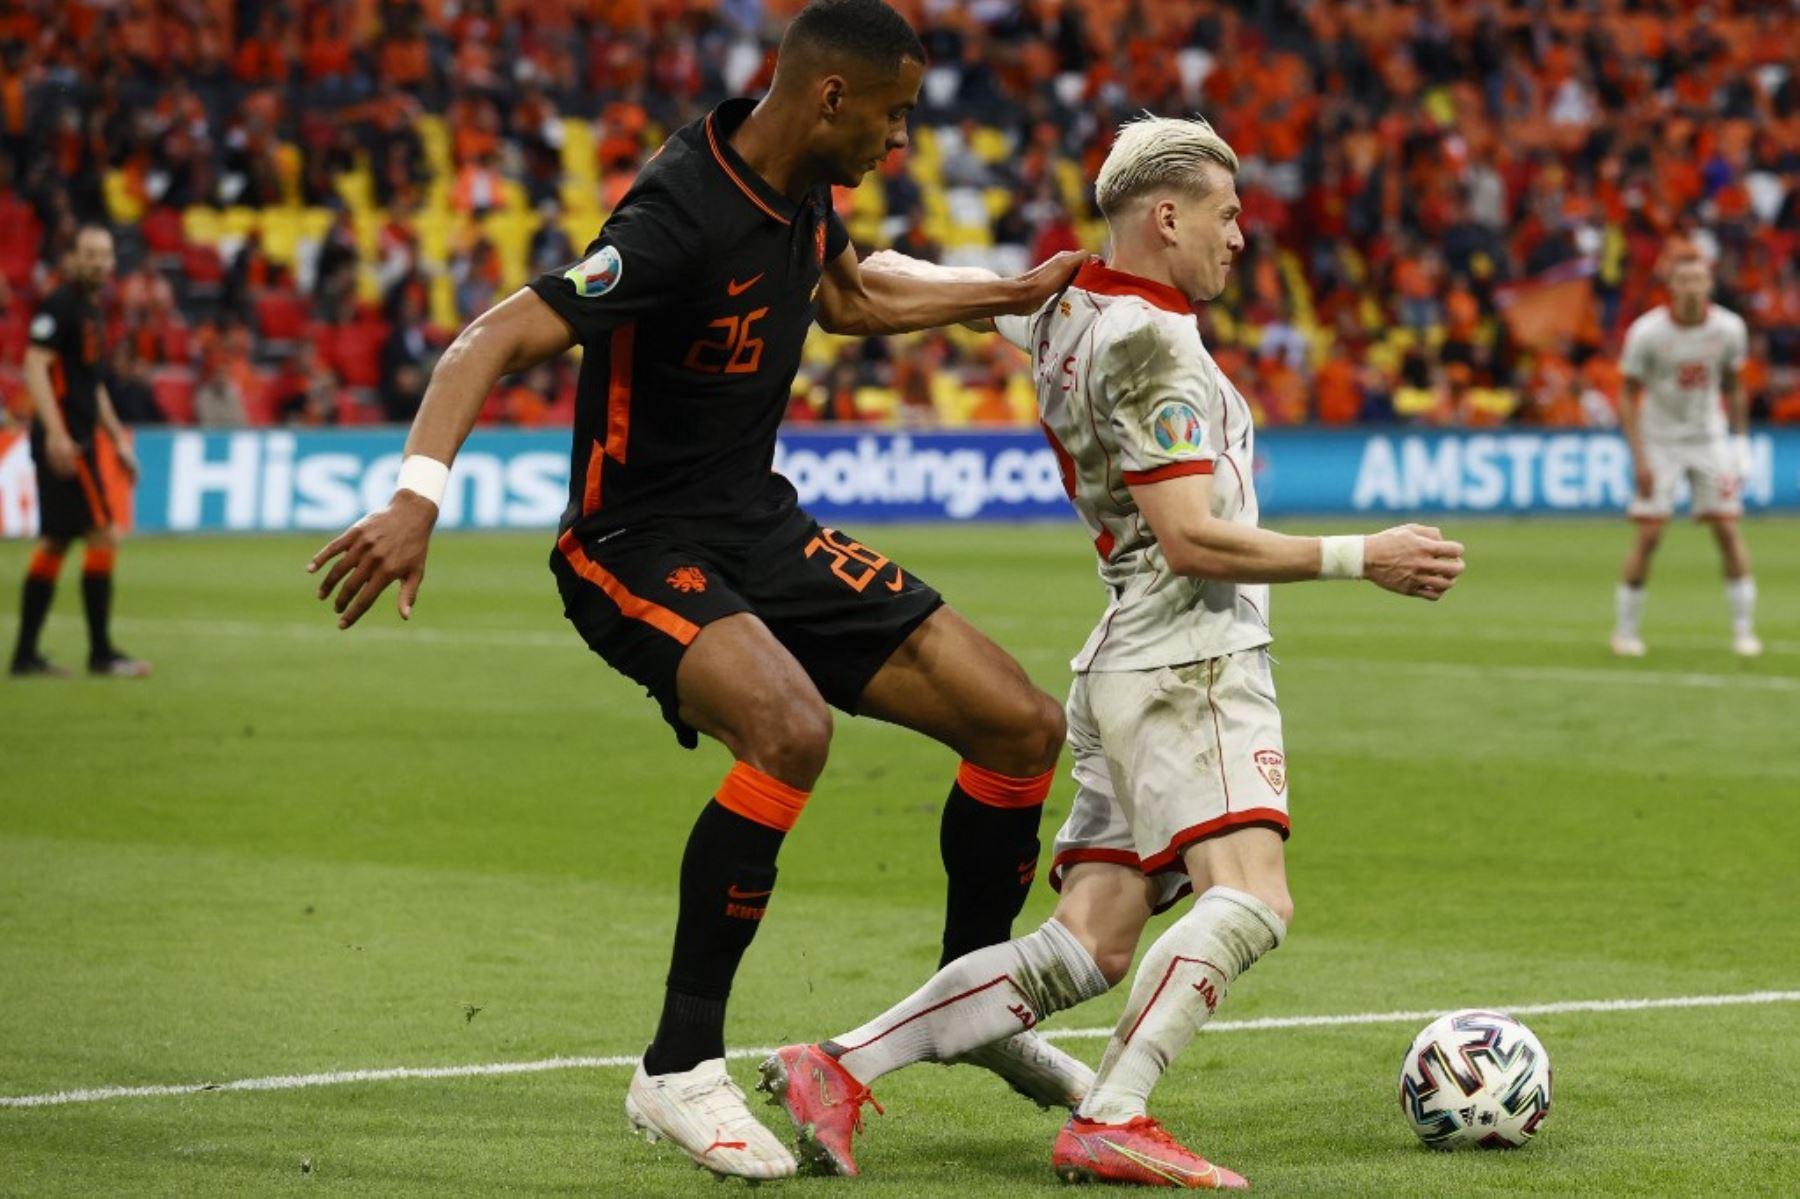 El delantero holandés Cody Gakpo (L) compite con el defensor de Macedonia del Norte Ezgjan Alioski durante el partido de fútbol del Grupo C de la UEFA EURO 2020 entre Macedonia del Norte y Holanda en el Johan Cruyff Arena de Ámsterdam el 21 de junio de 2021. Foto: AFP